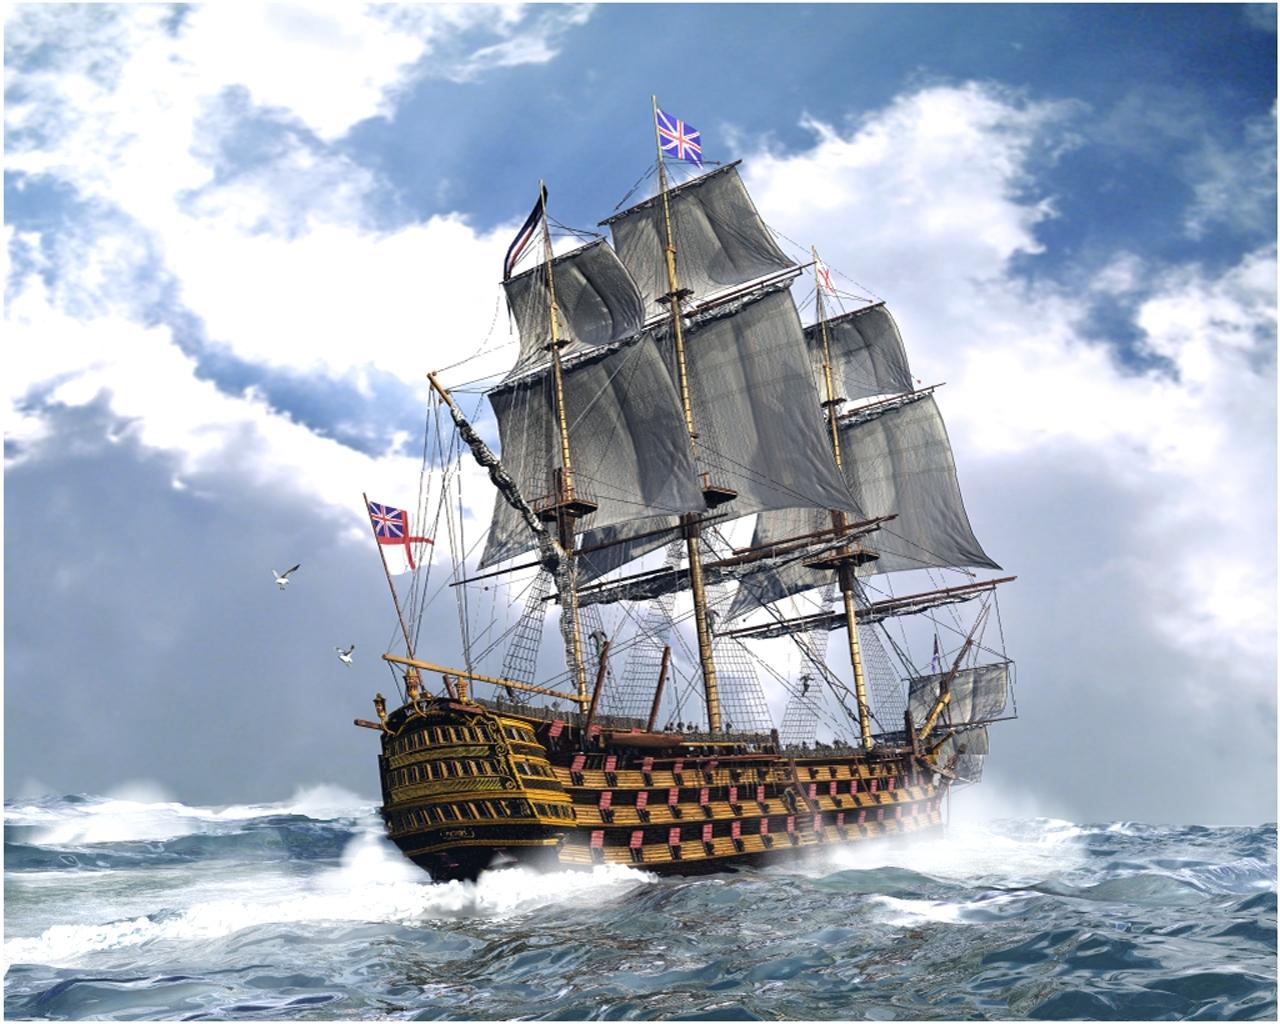 7895 скачать обои Транспорт, Небо, Корабли, Море, Облака - заставки и картинки бесплатно